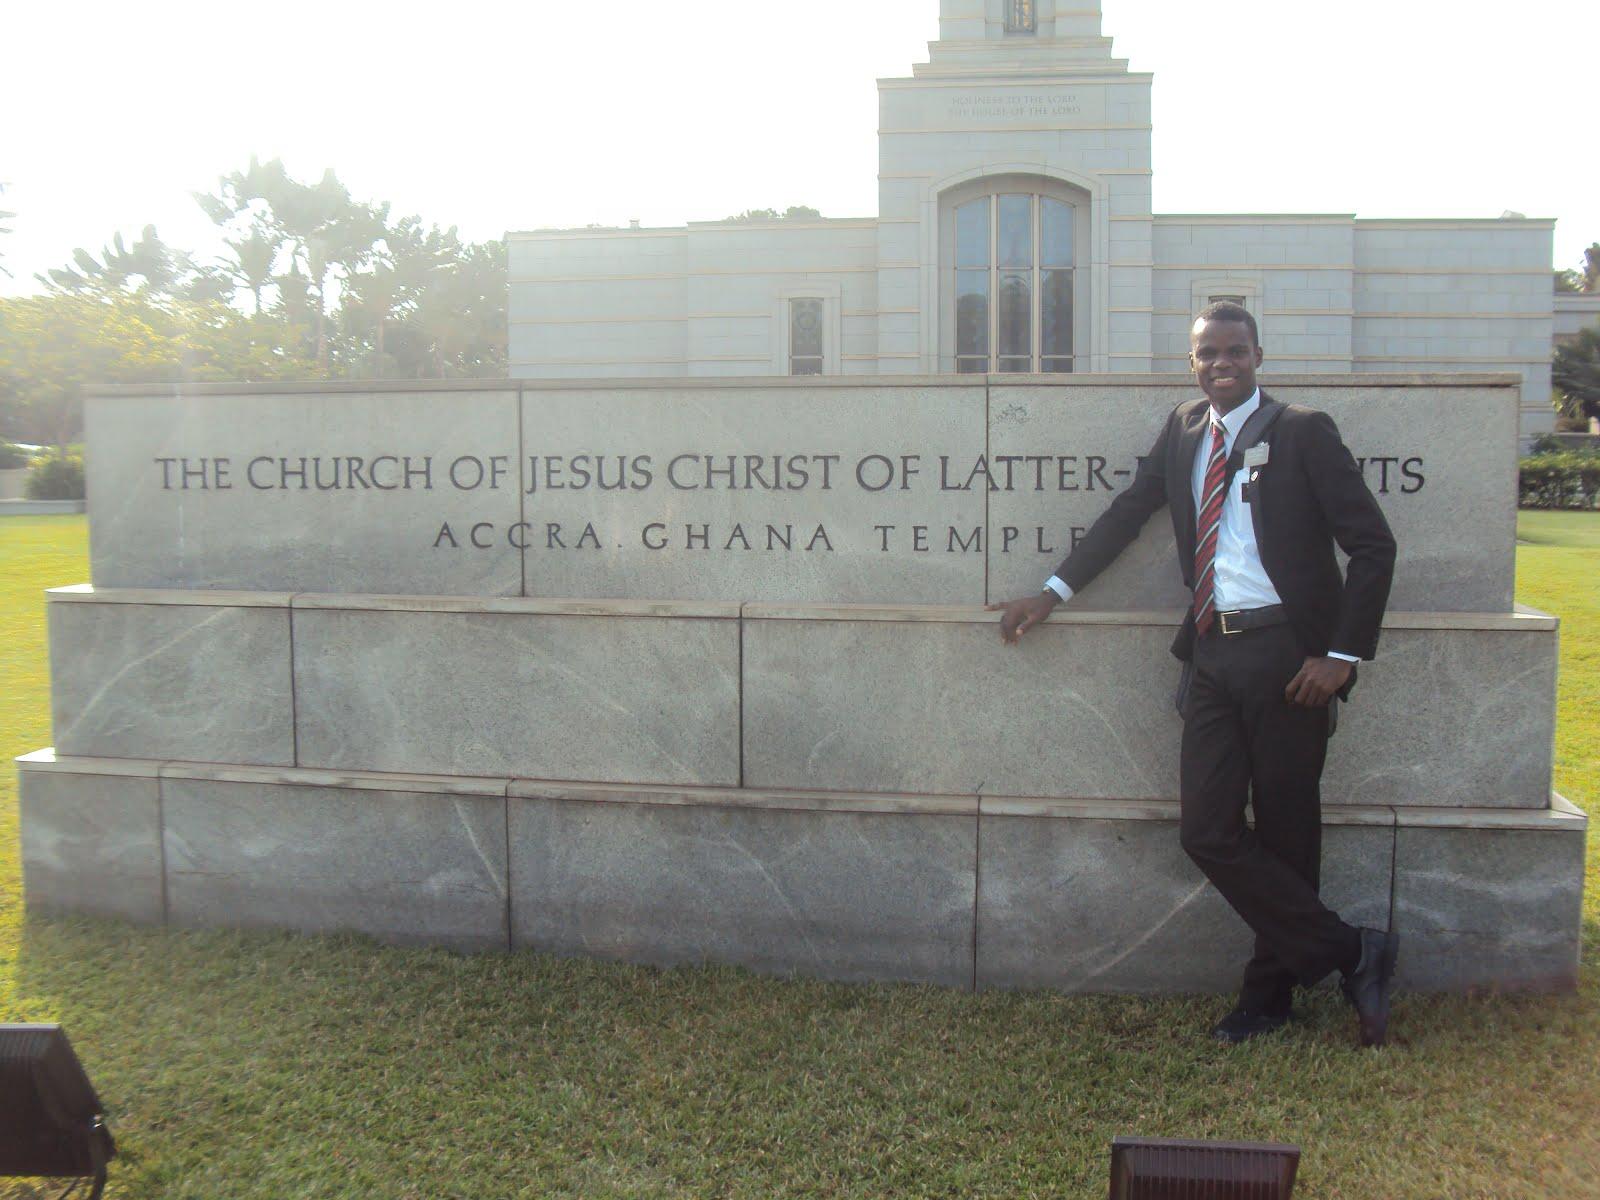 ACCRA - TEMPLE